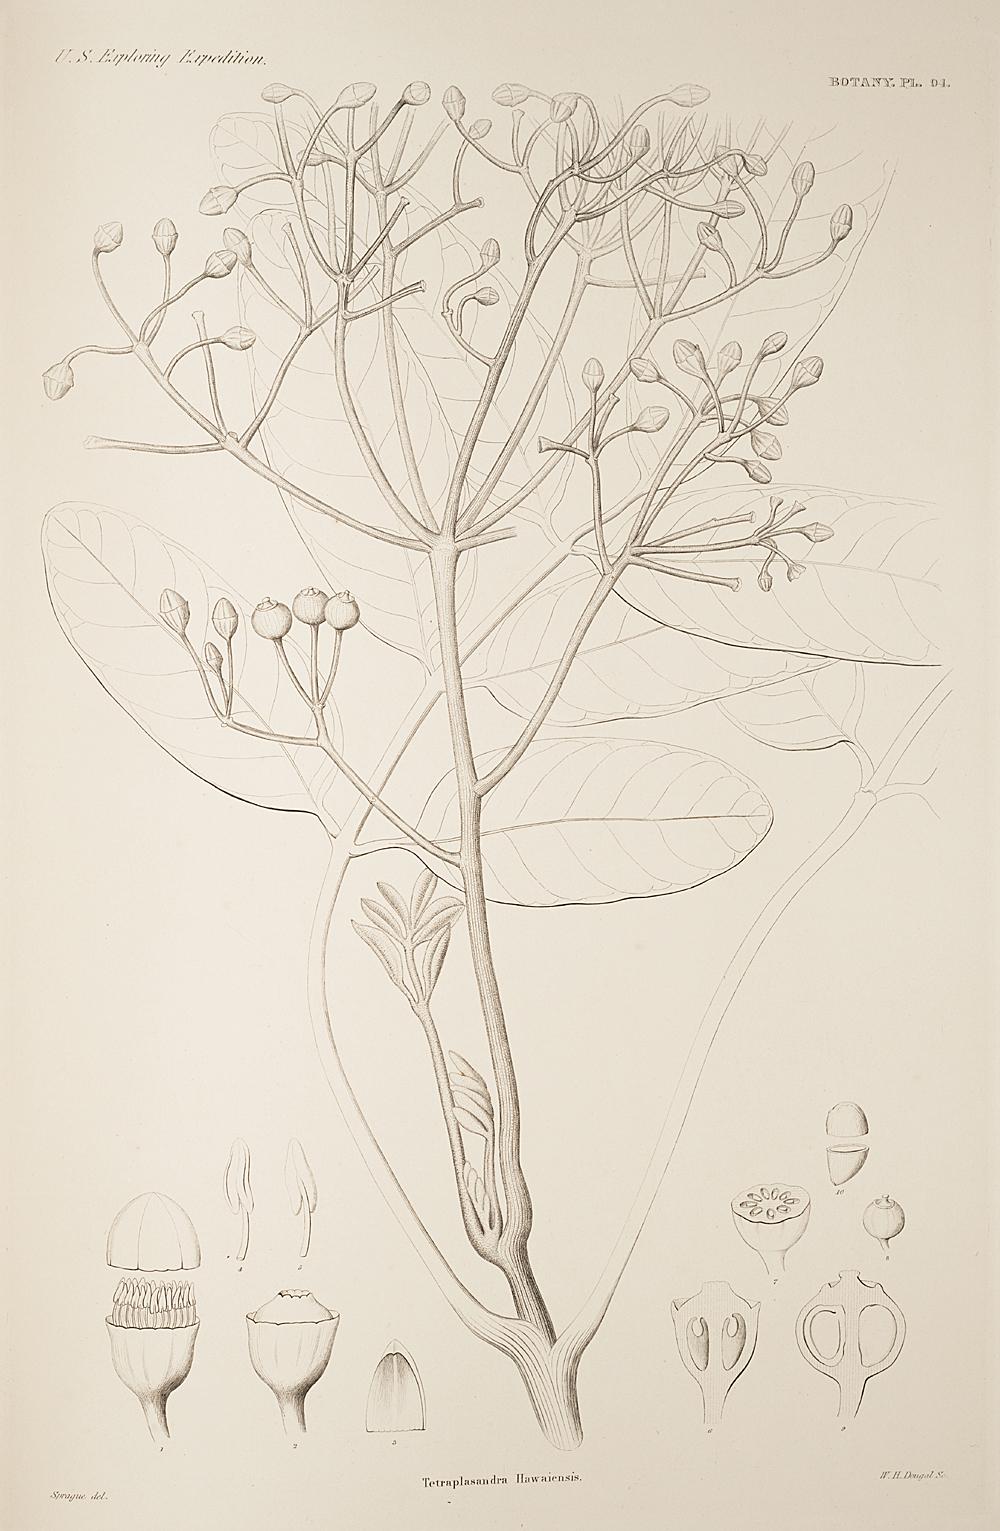 Botany, Pl. 94,  Image number:sil19-23-199b